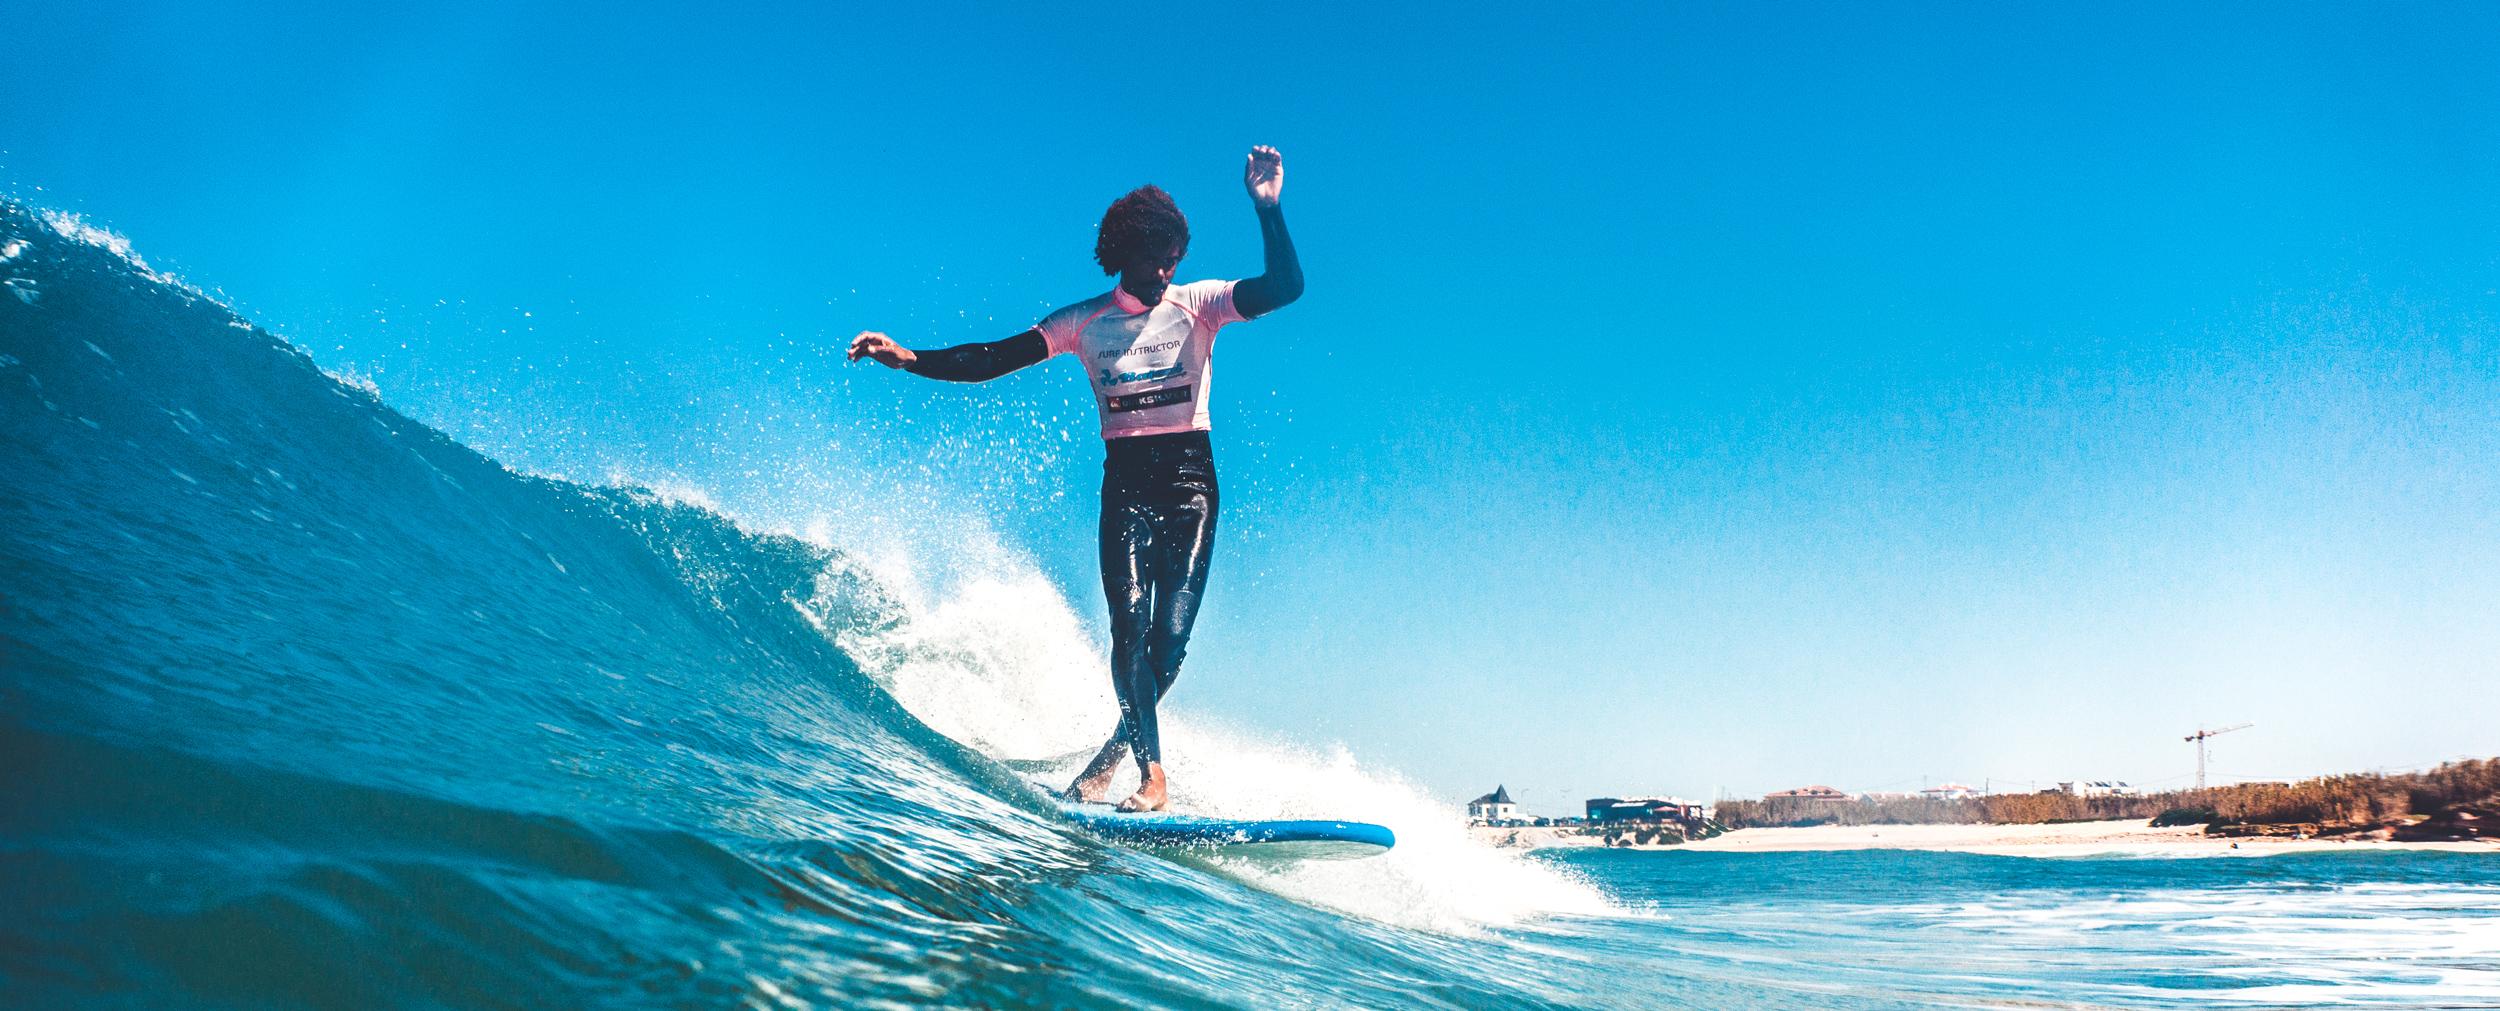 Baleal surfcamp - Kaby sliding